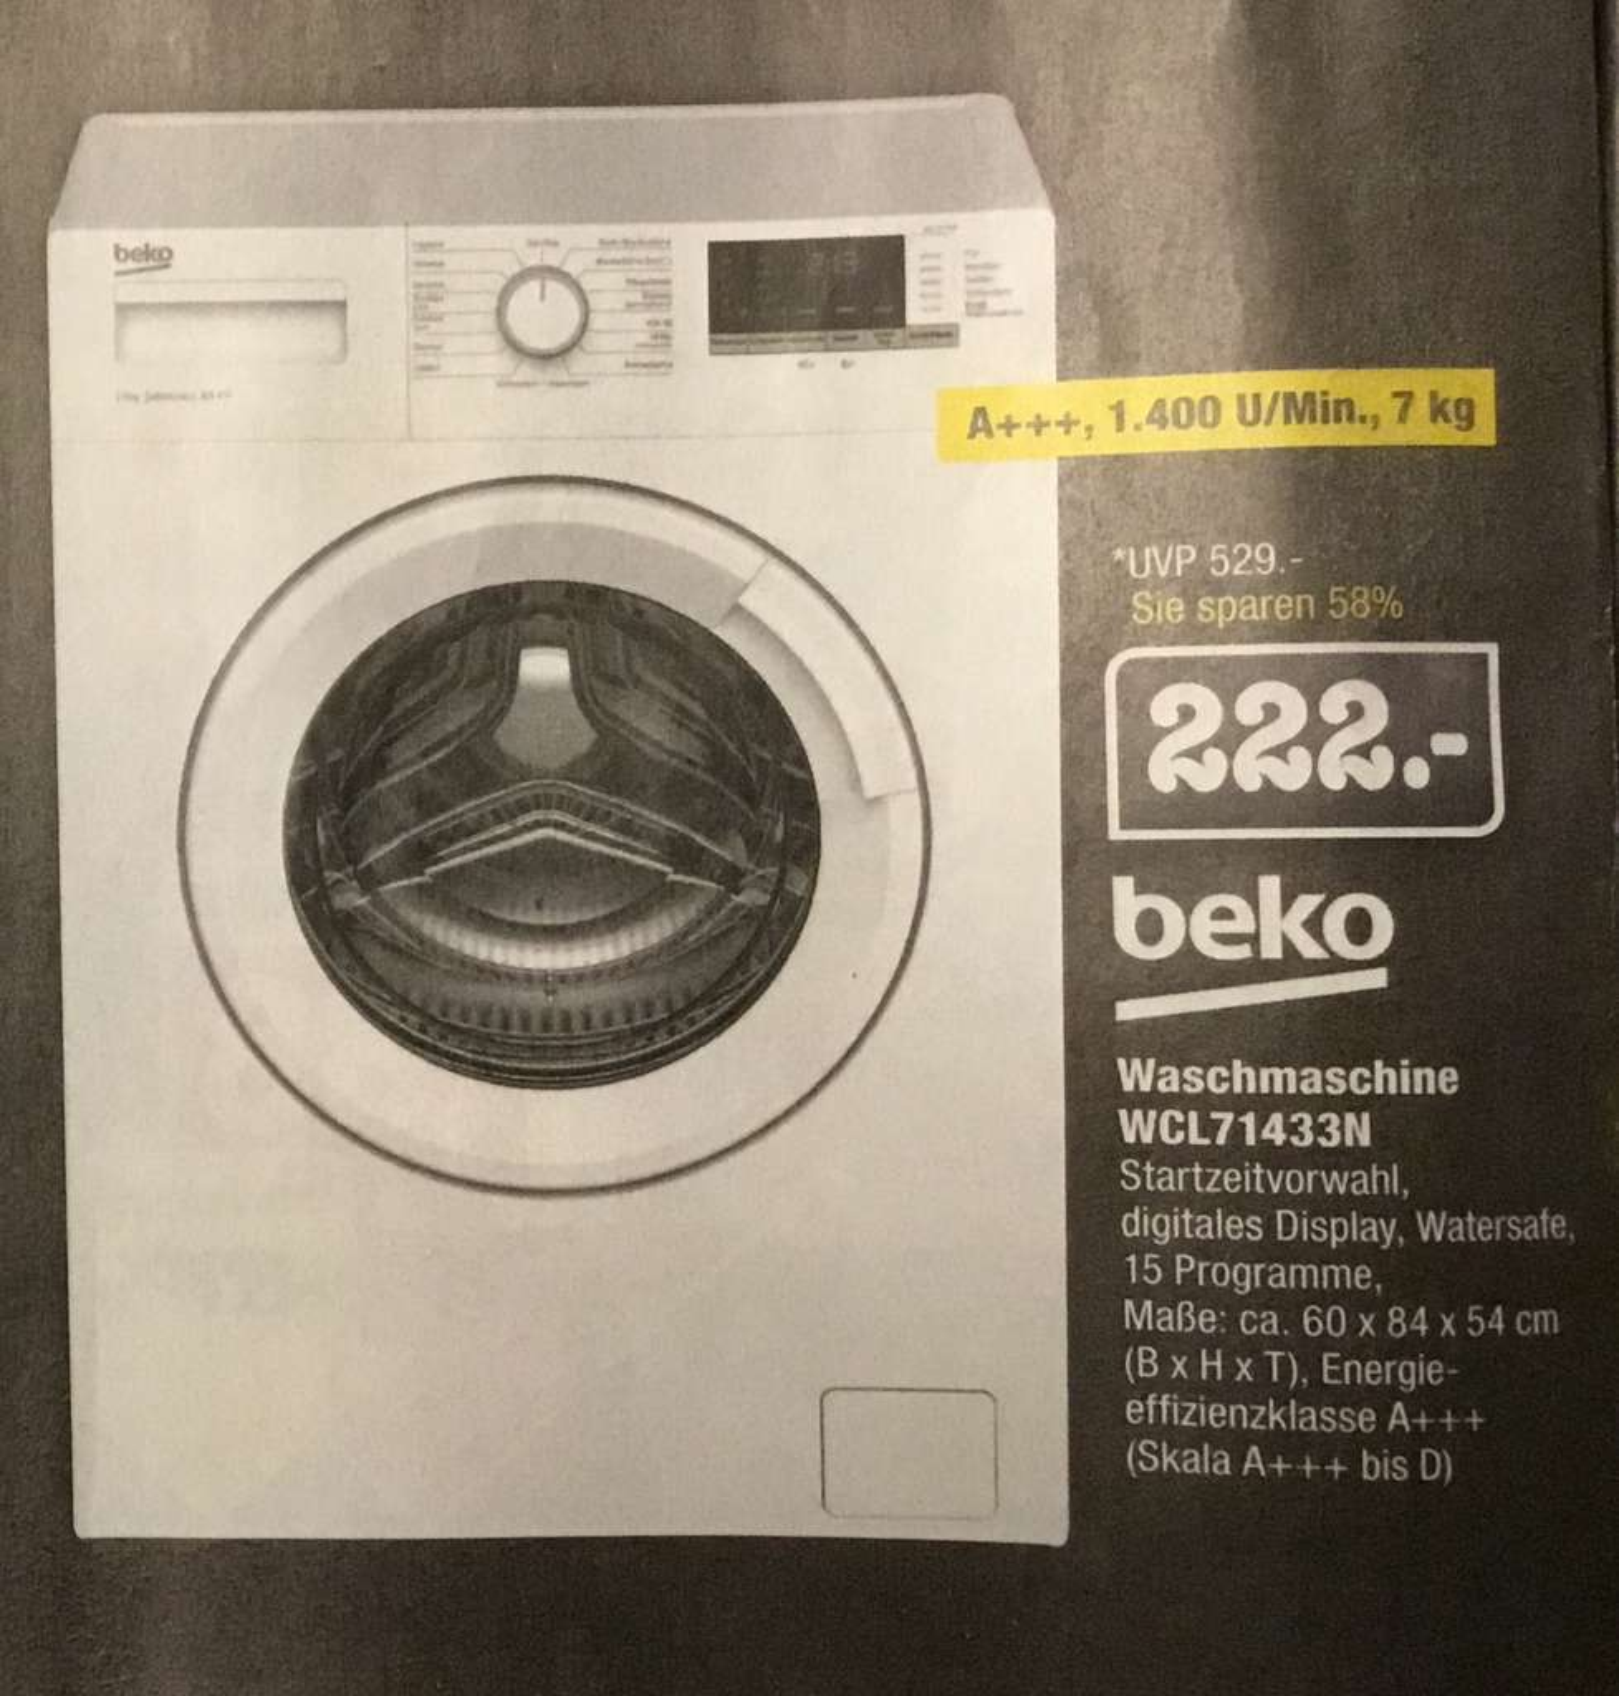 Lokal Edeka E Center Kuppenheim Beko Waschmaschine Wcl71433n 7kg